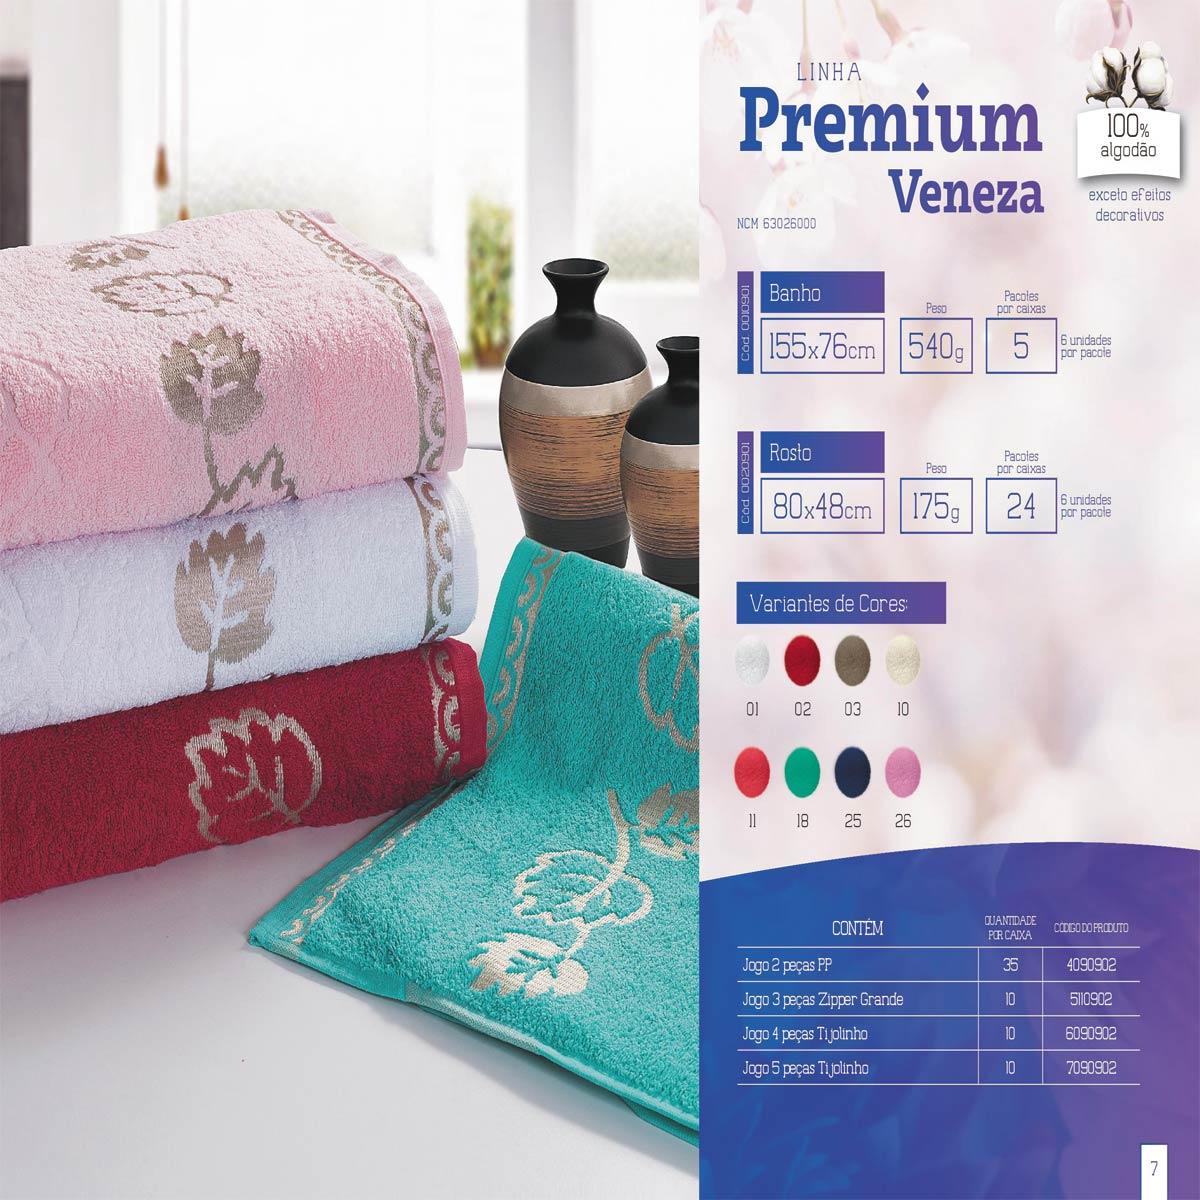 Toalha De Rosto Veneza Premium 100% Algodão 80Cm x 48Cm Mafratex